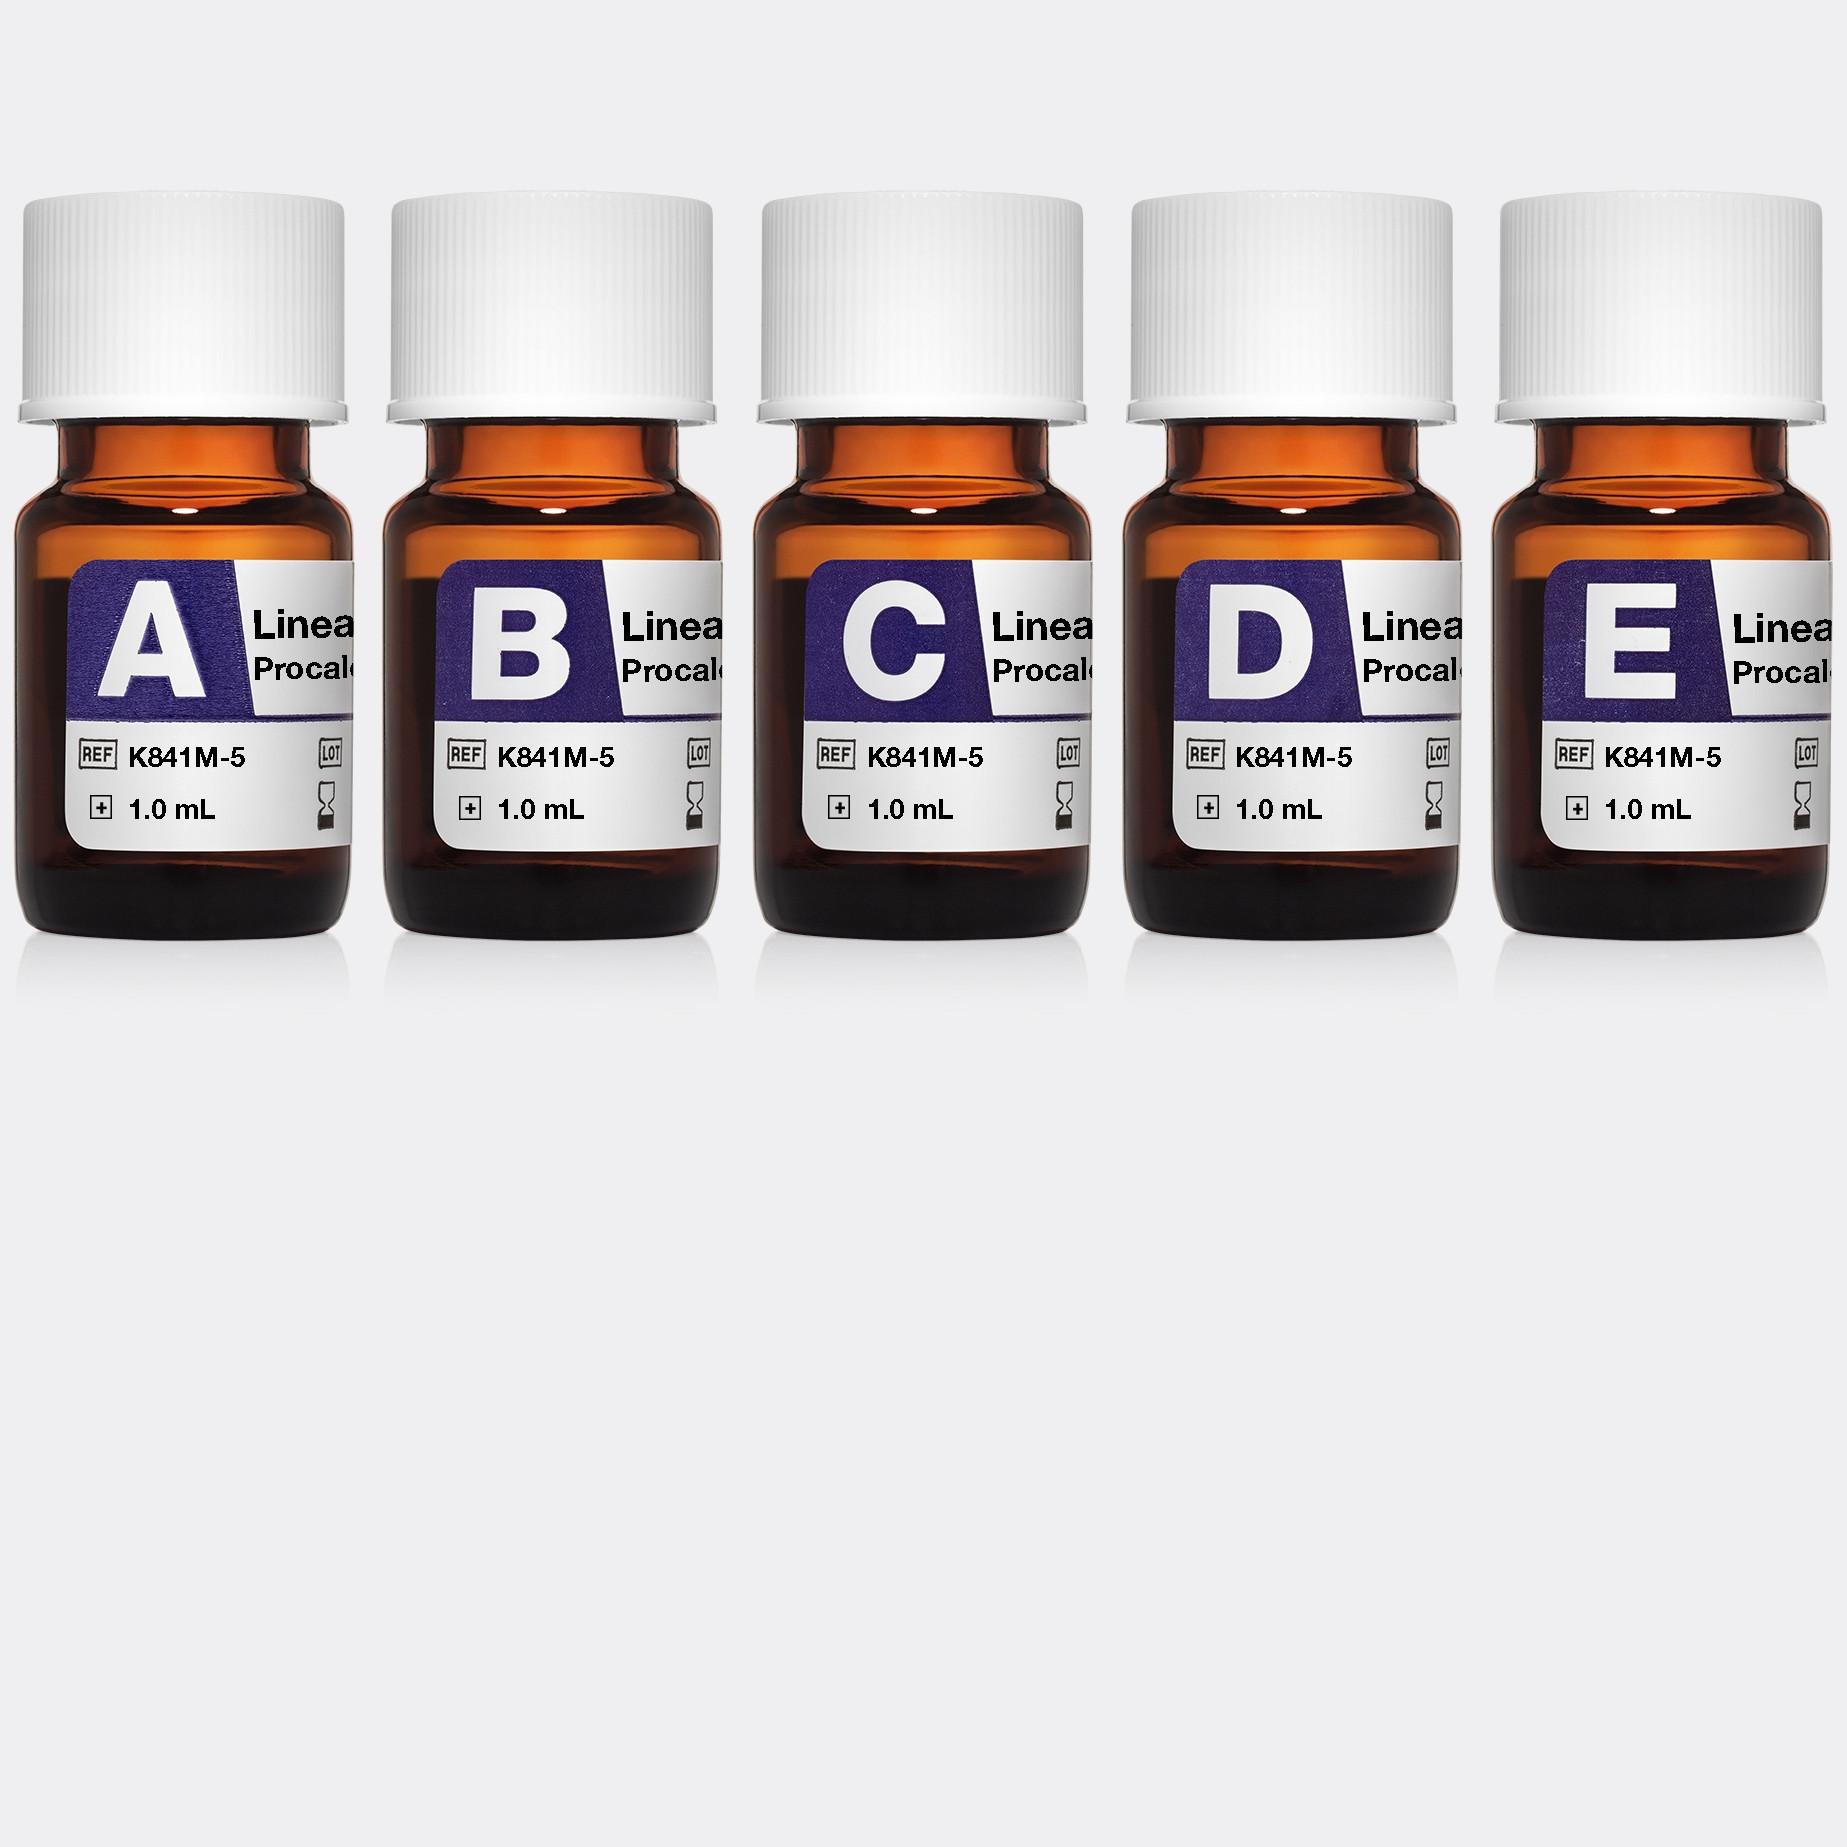 Linearity FD Procalcitonin bioMérieux VIDAS and miniVIDAS